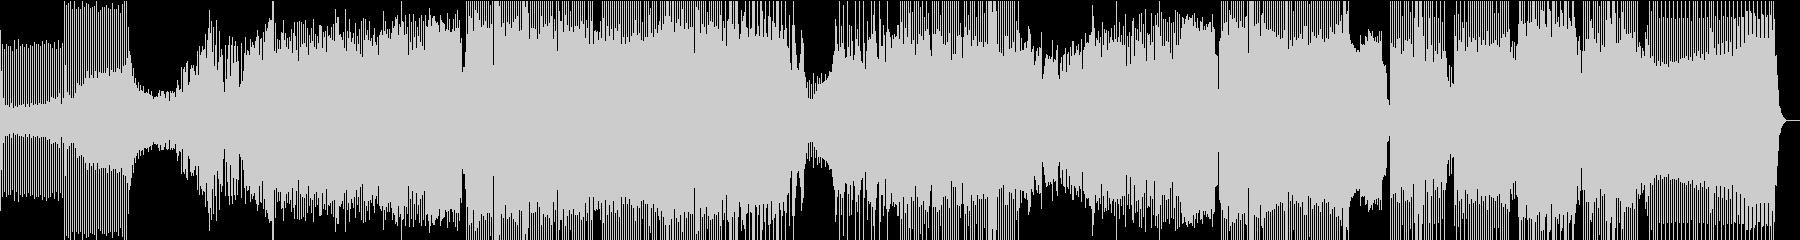 エネルギッシュなハウスBGMの未再生の波形